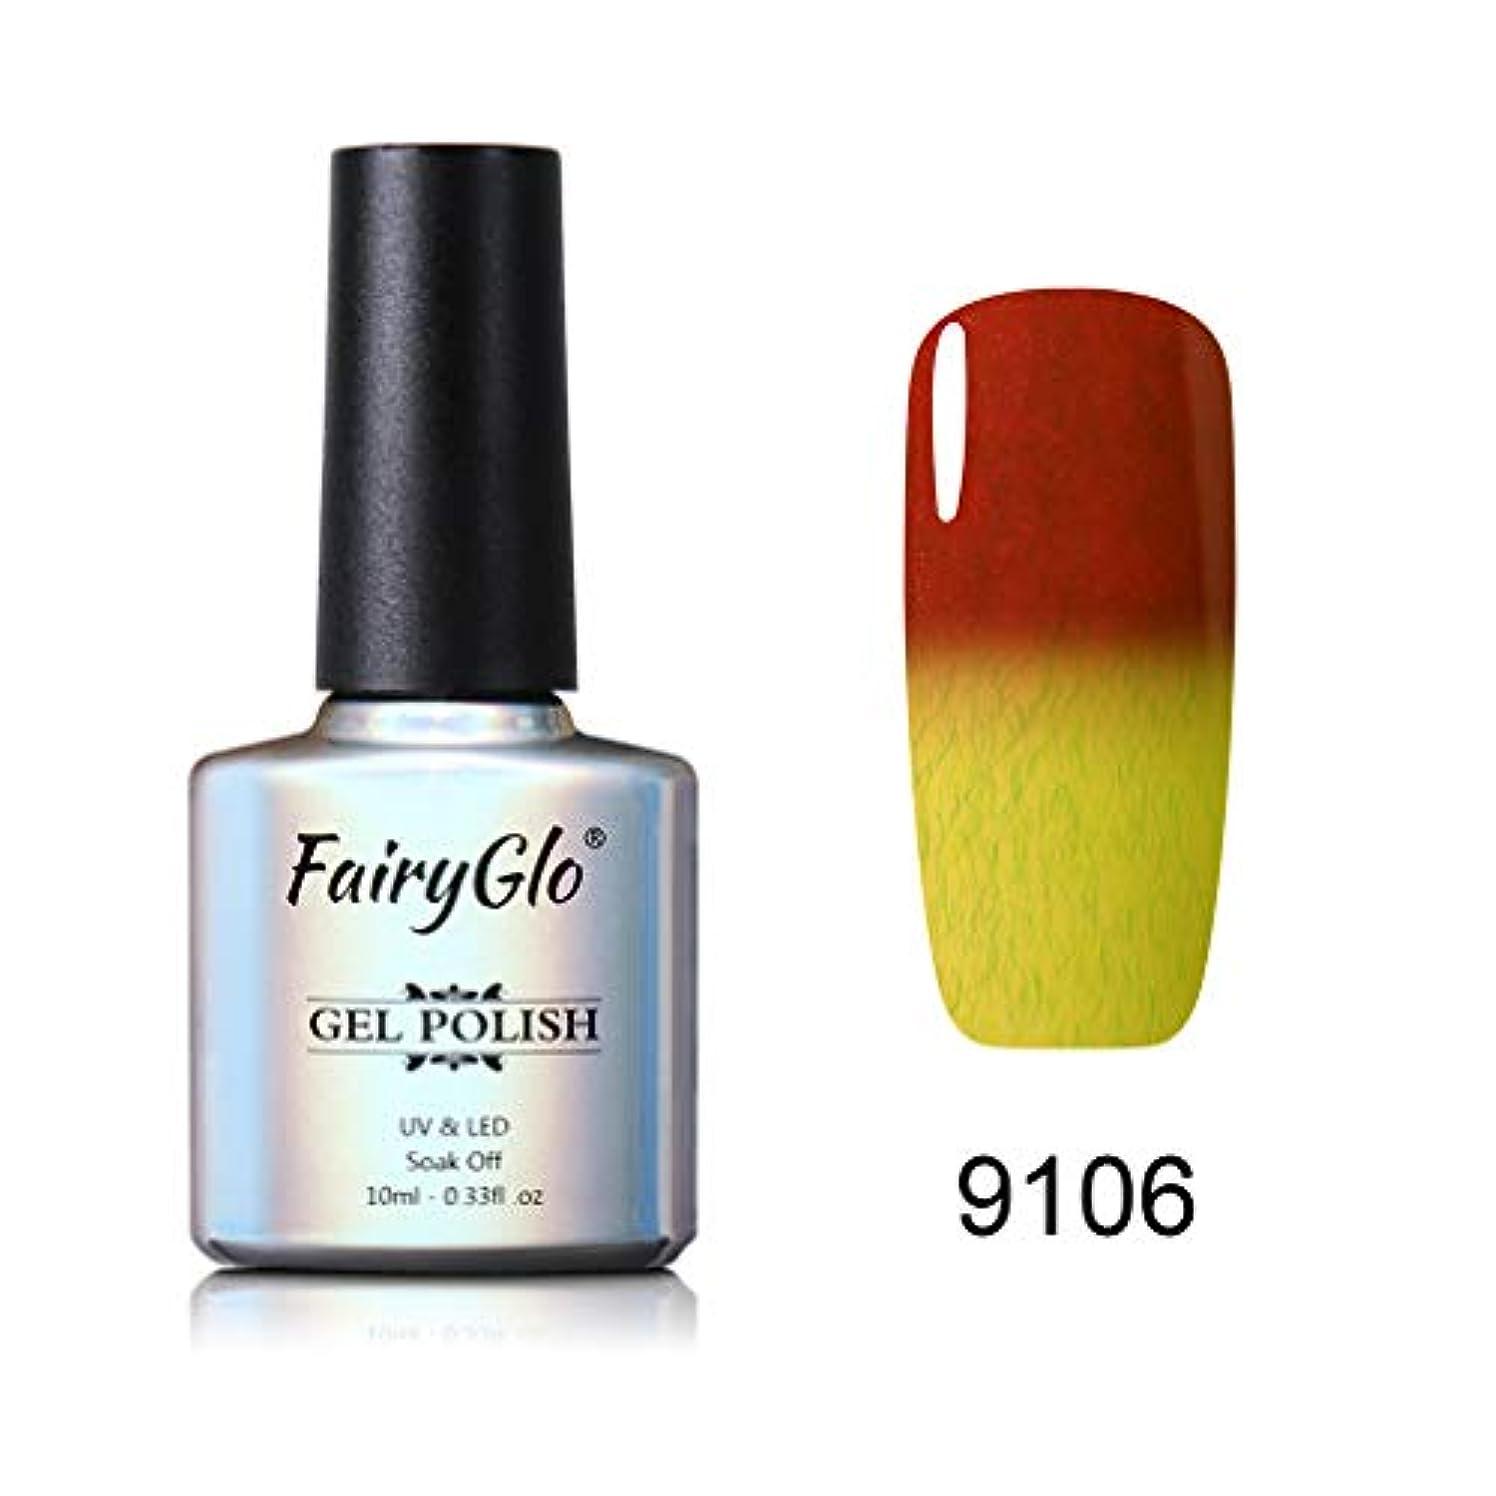 実験室指令卒業Fairyglo ジェルネイル カラージェル 毛皮系 カメレオンカラージェル 温度により色が変化 1色入り 10ml 【全12色選択可】